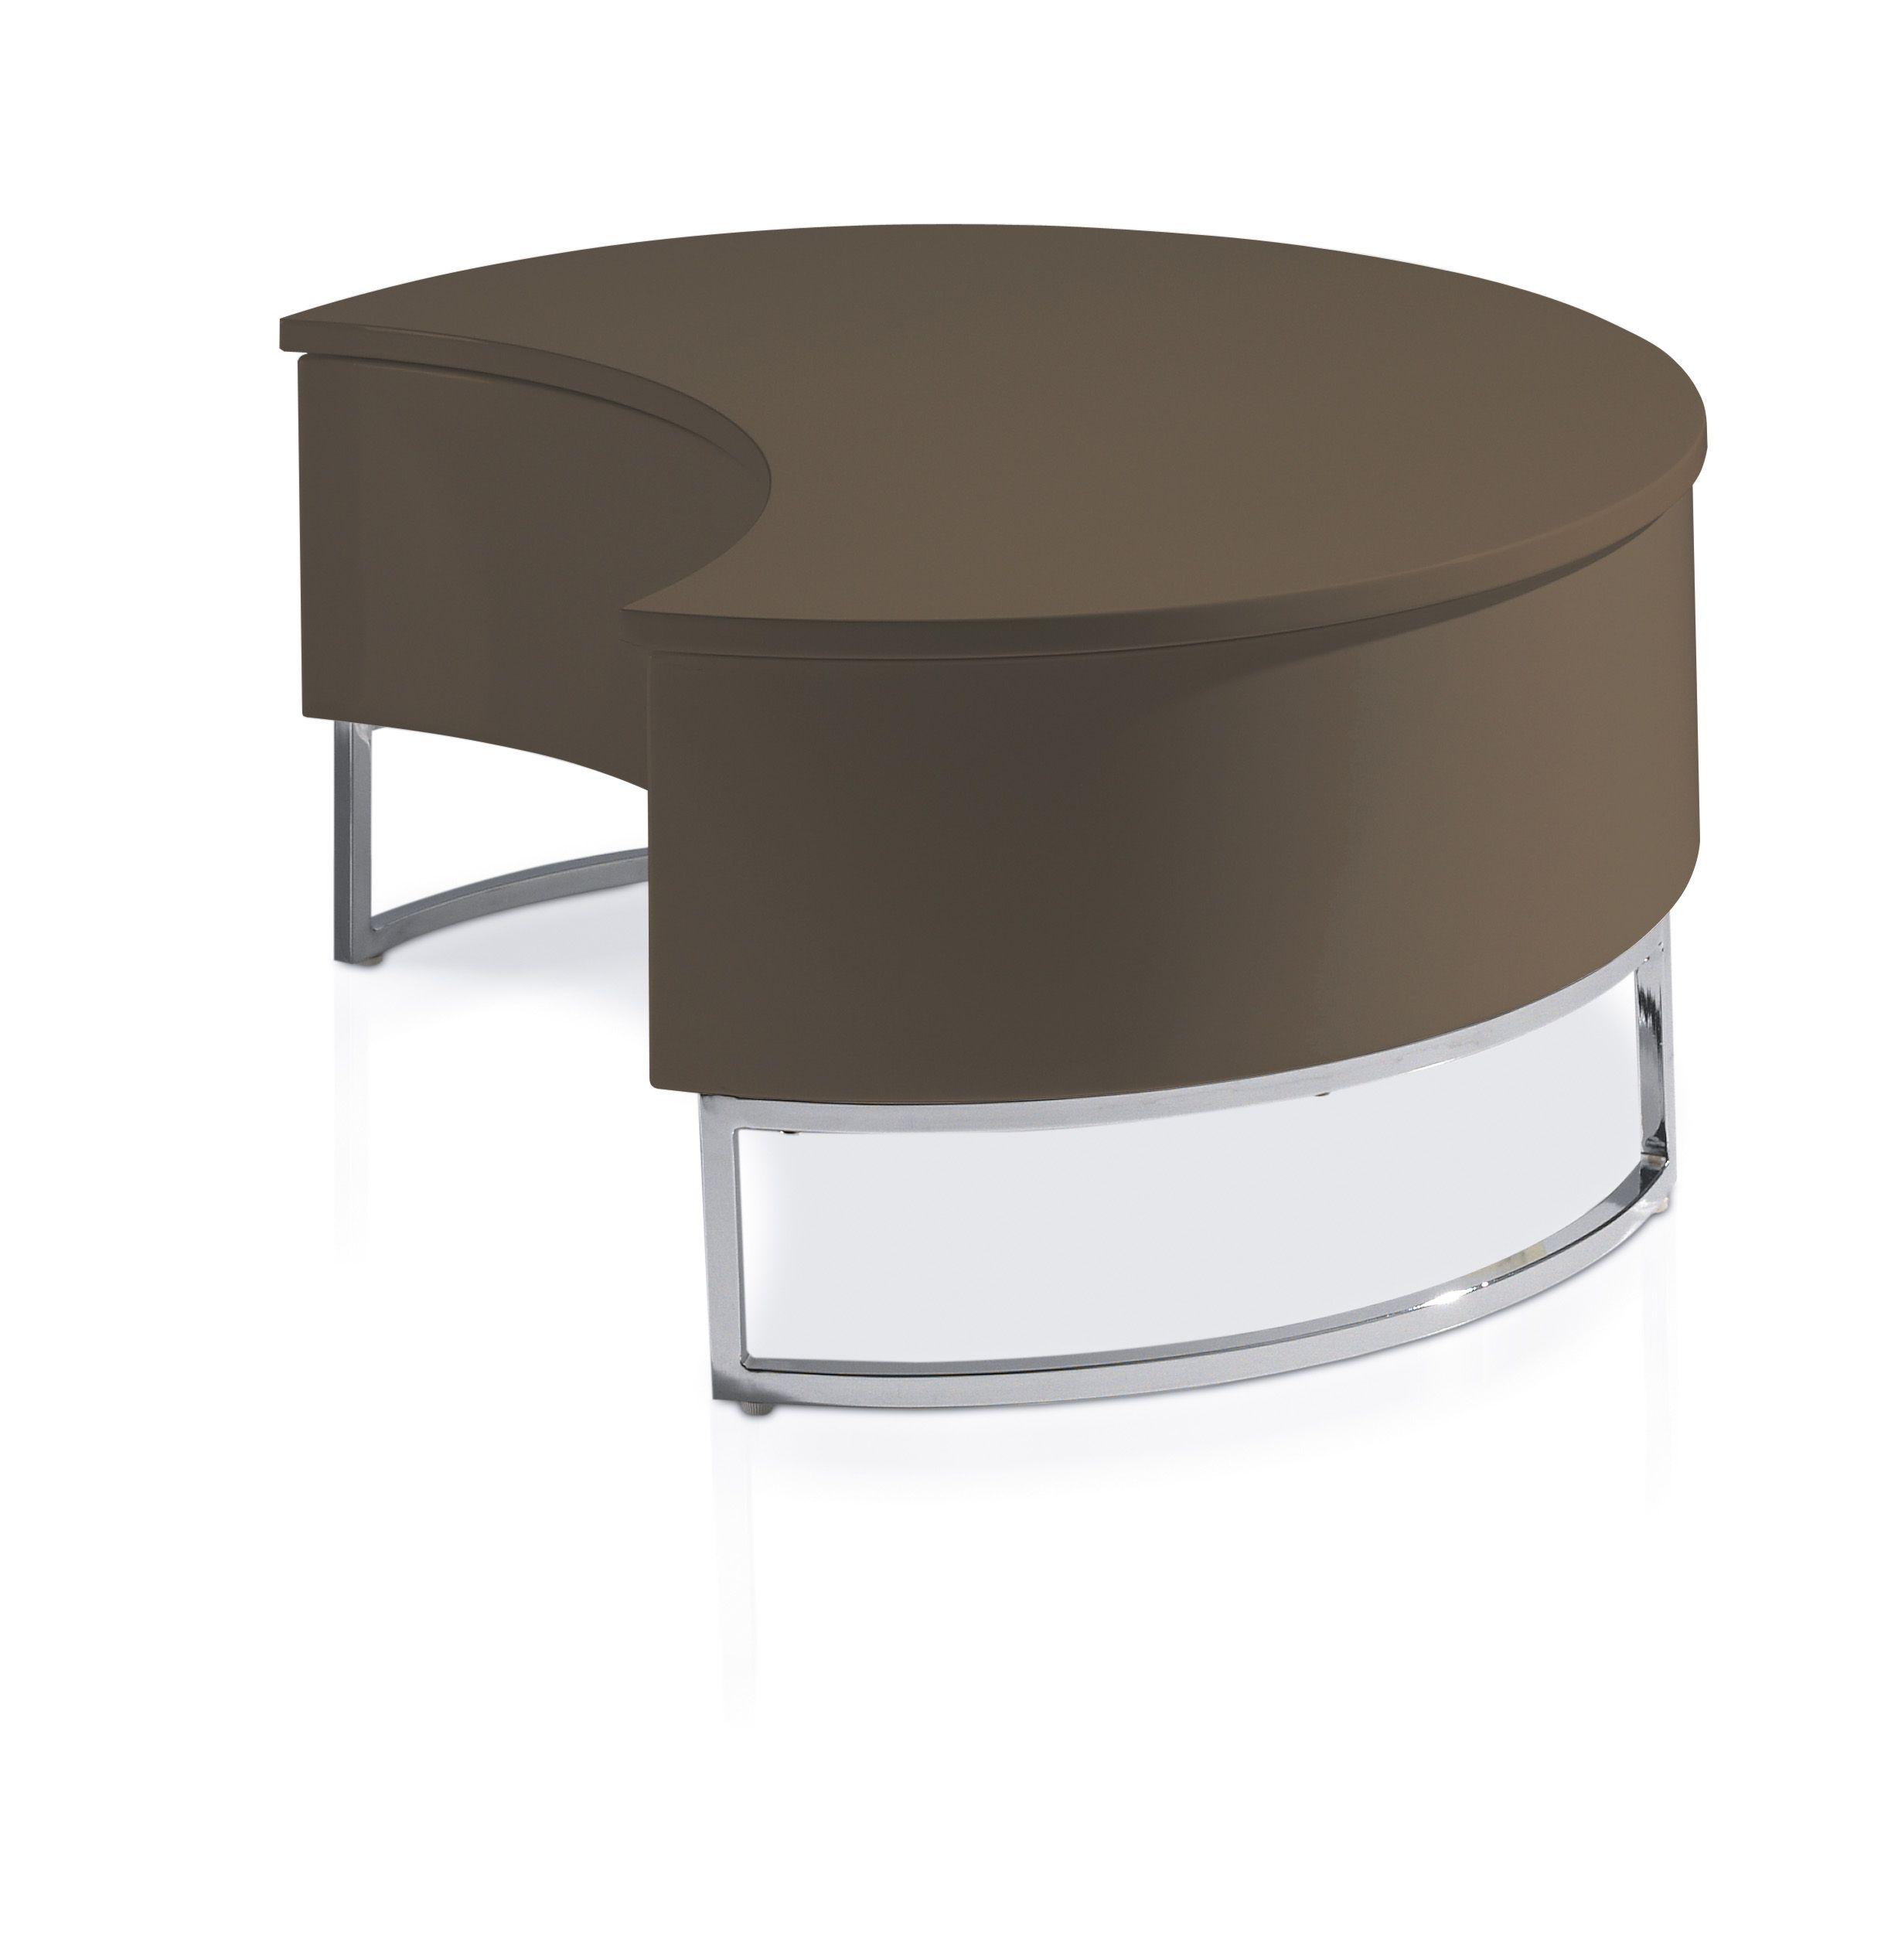 Designer Table Basse Relevable Laquee Marron Pied Acier Chrome Luna Lestendances Fr En 2020 Table Basse Relevable Table Basse Table Basse Moderne